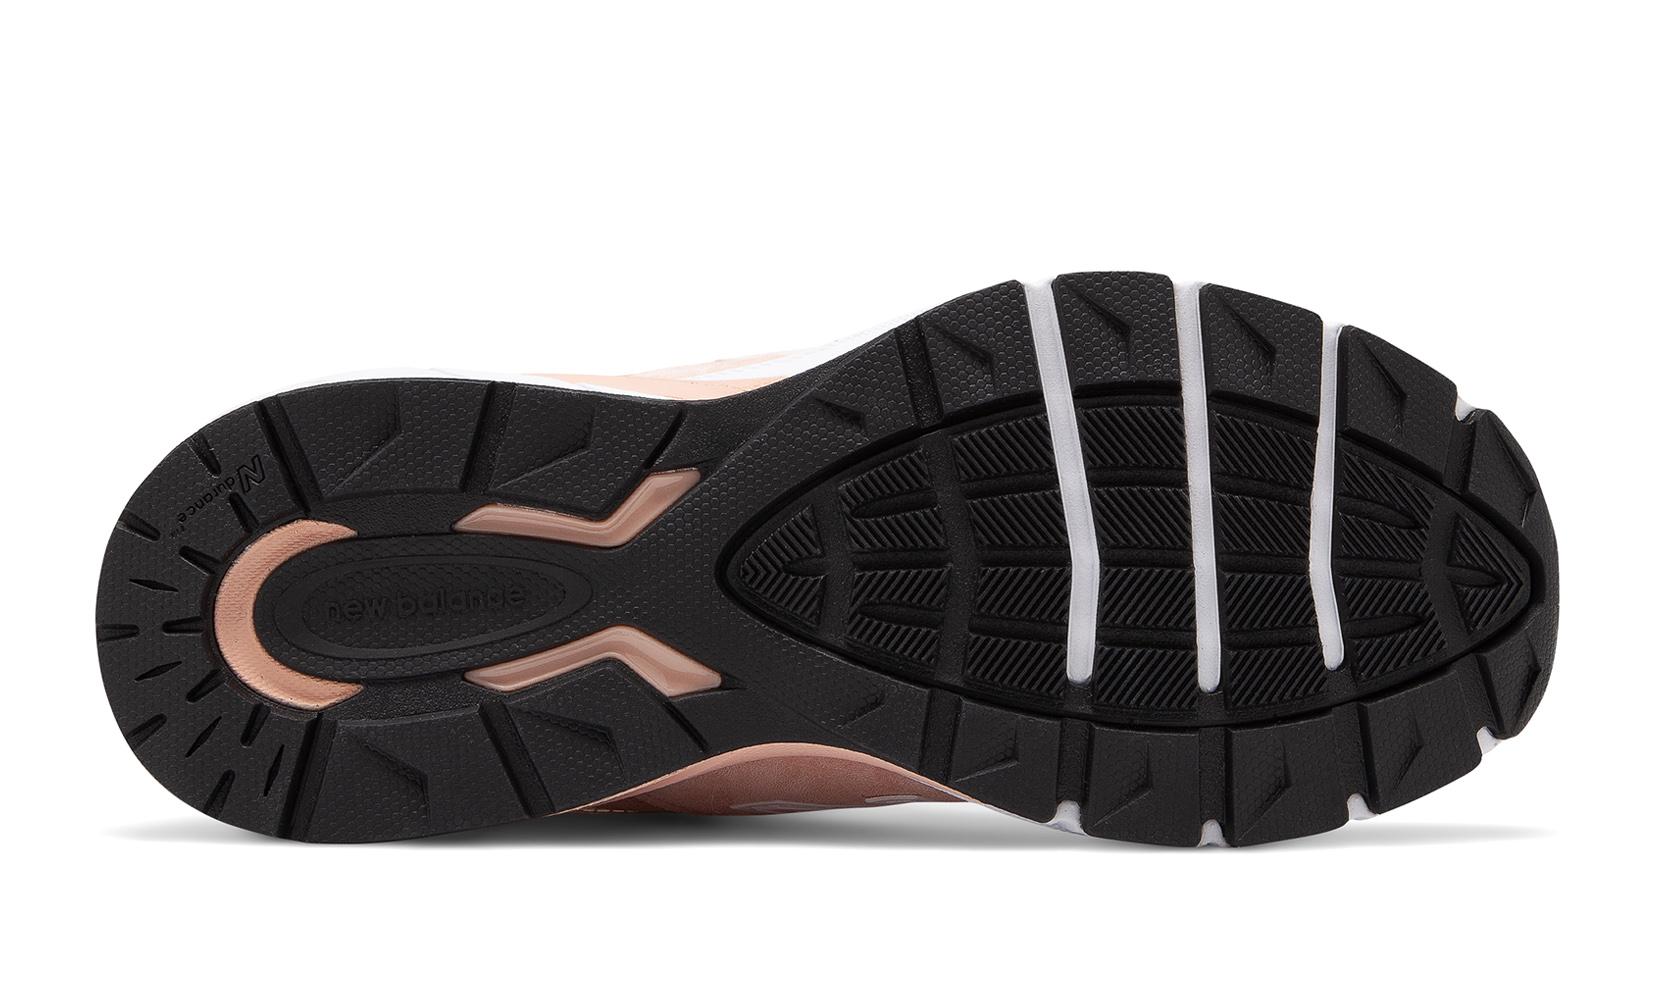 Жіноче взуття повсякденне New Balance 990 Made in USA W990PK5 | New Balance